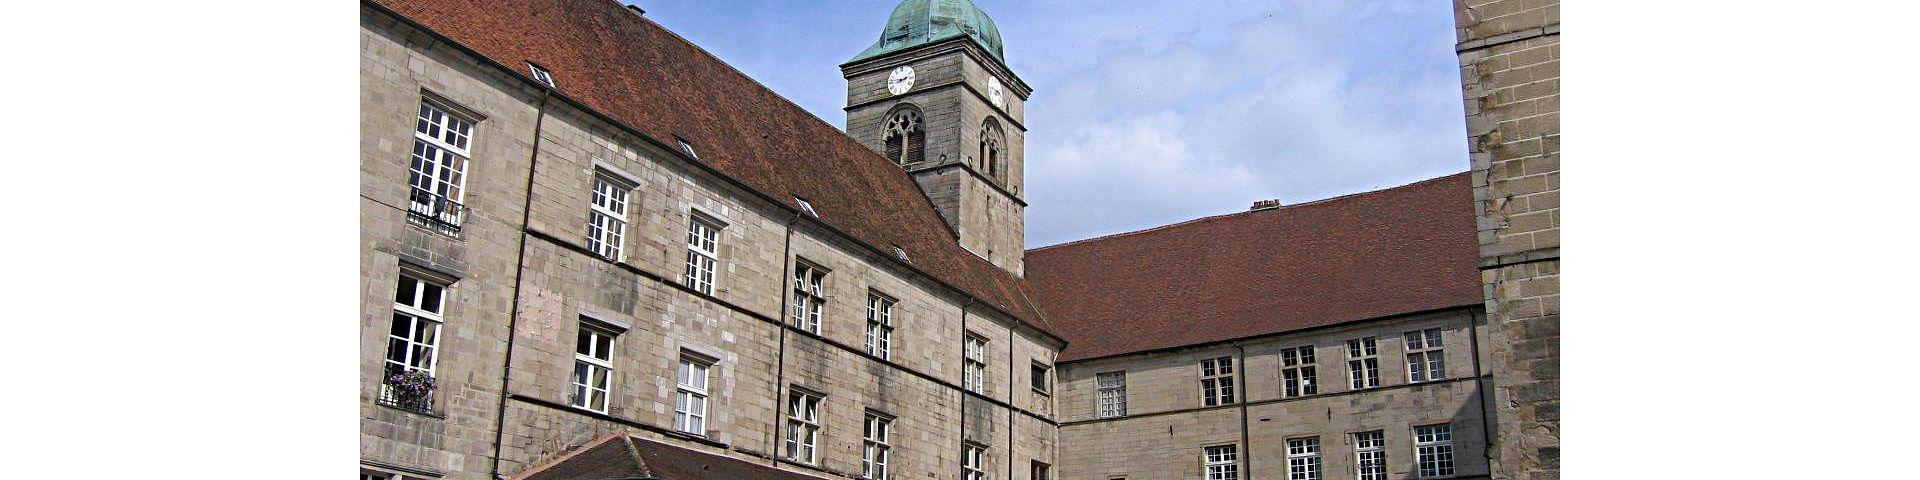 Luxeuil-les-Bains - Eglise et Séminaire St-Colomban (70)